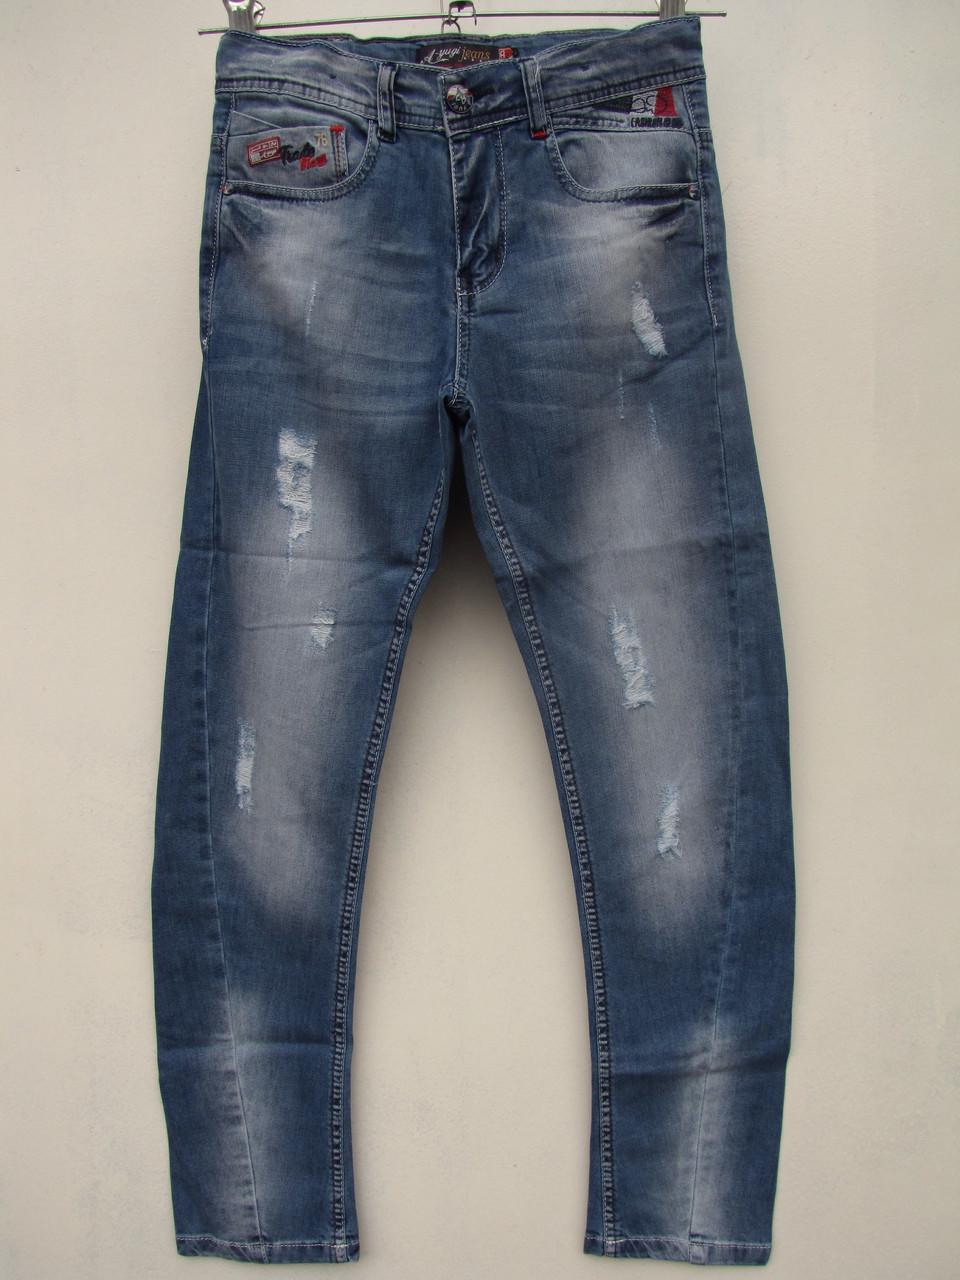 Приспустив джинсы